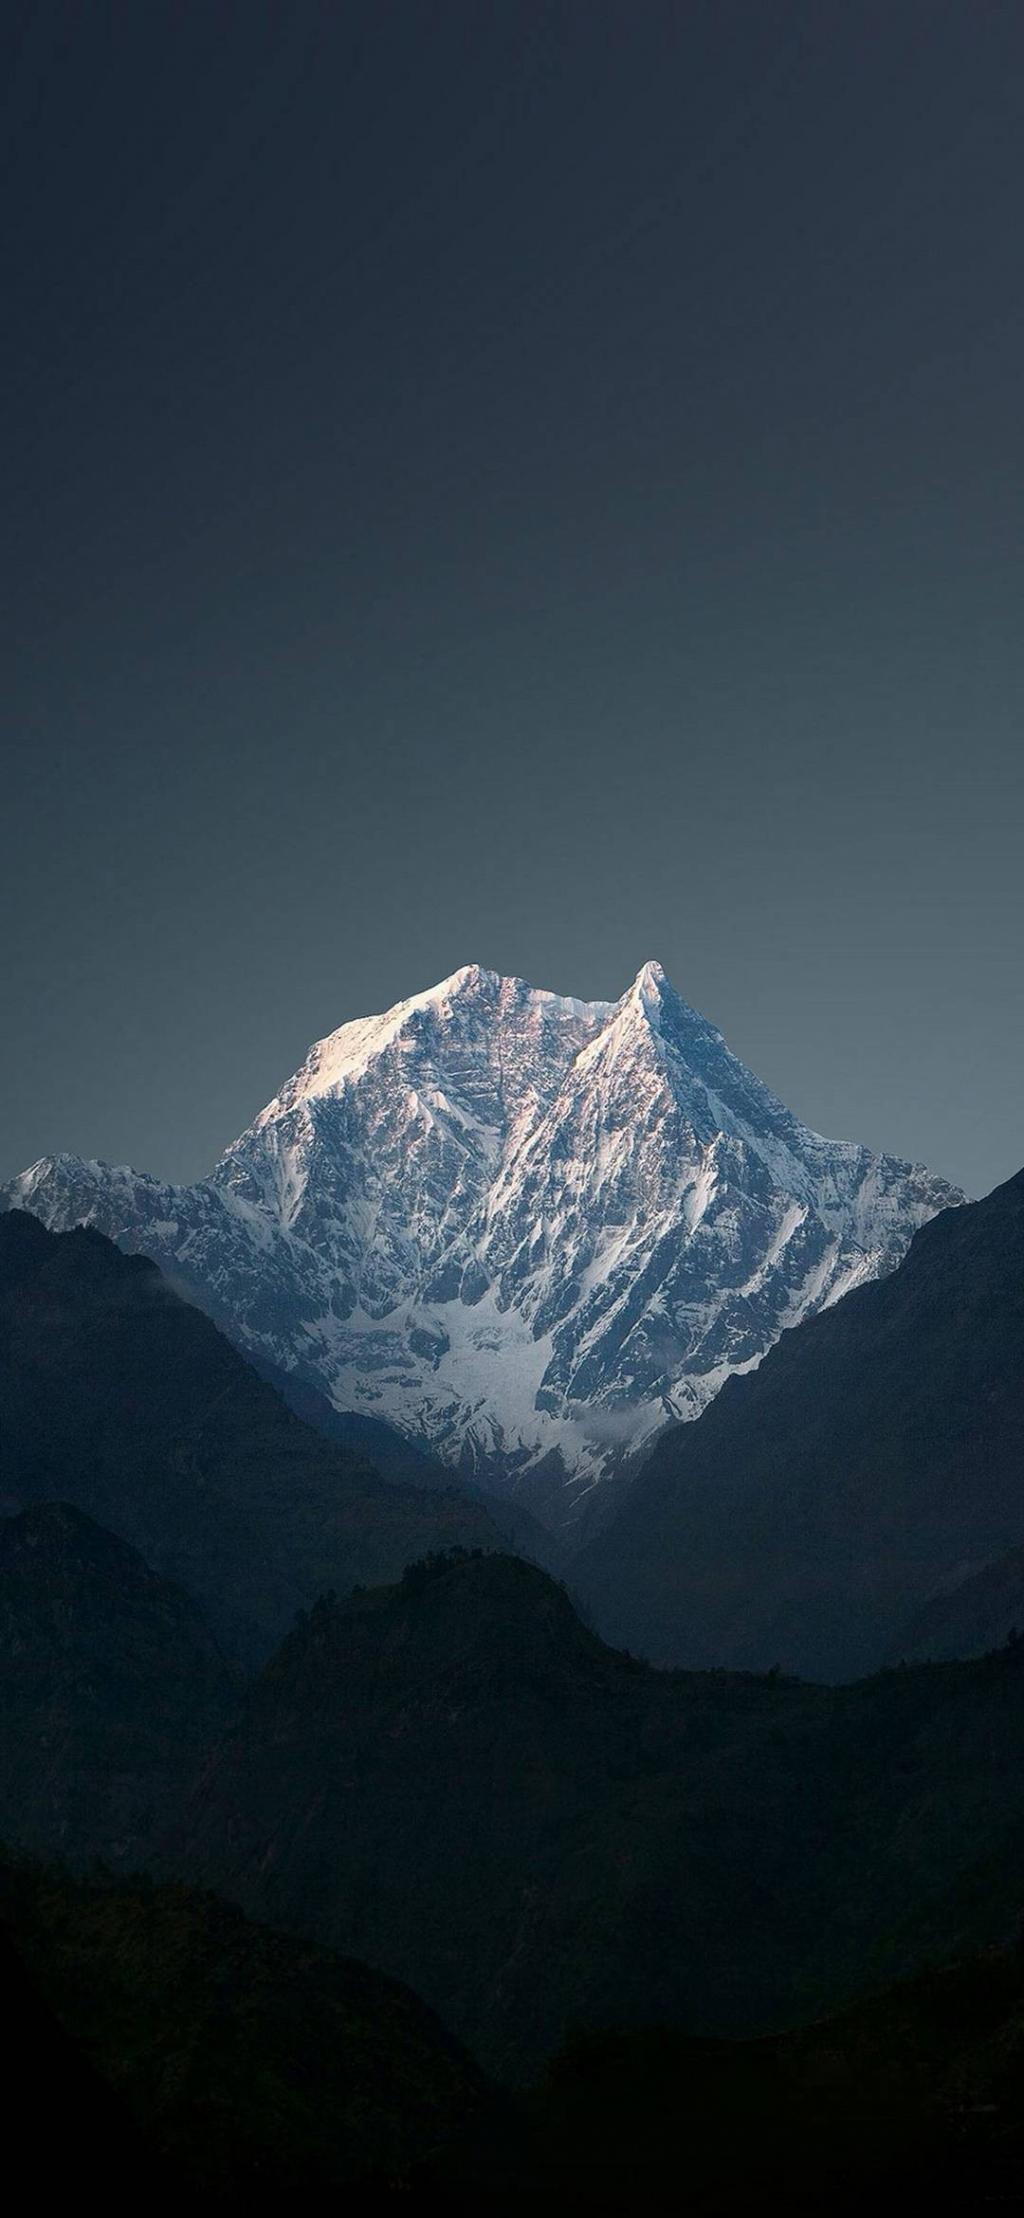 巍峨挺拔的雪山夜景